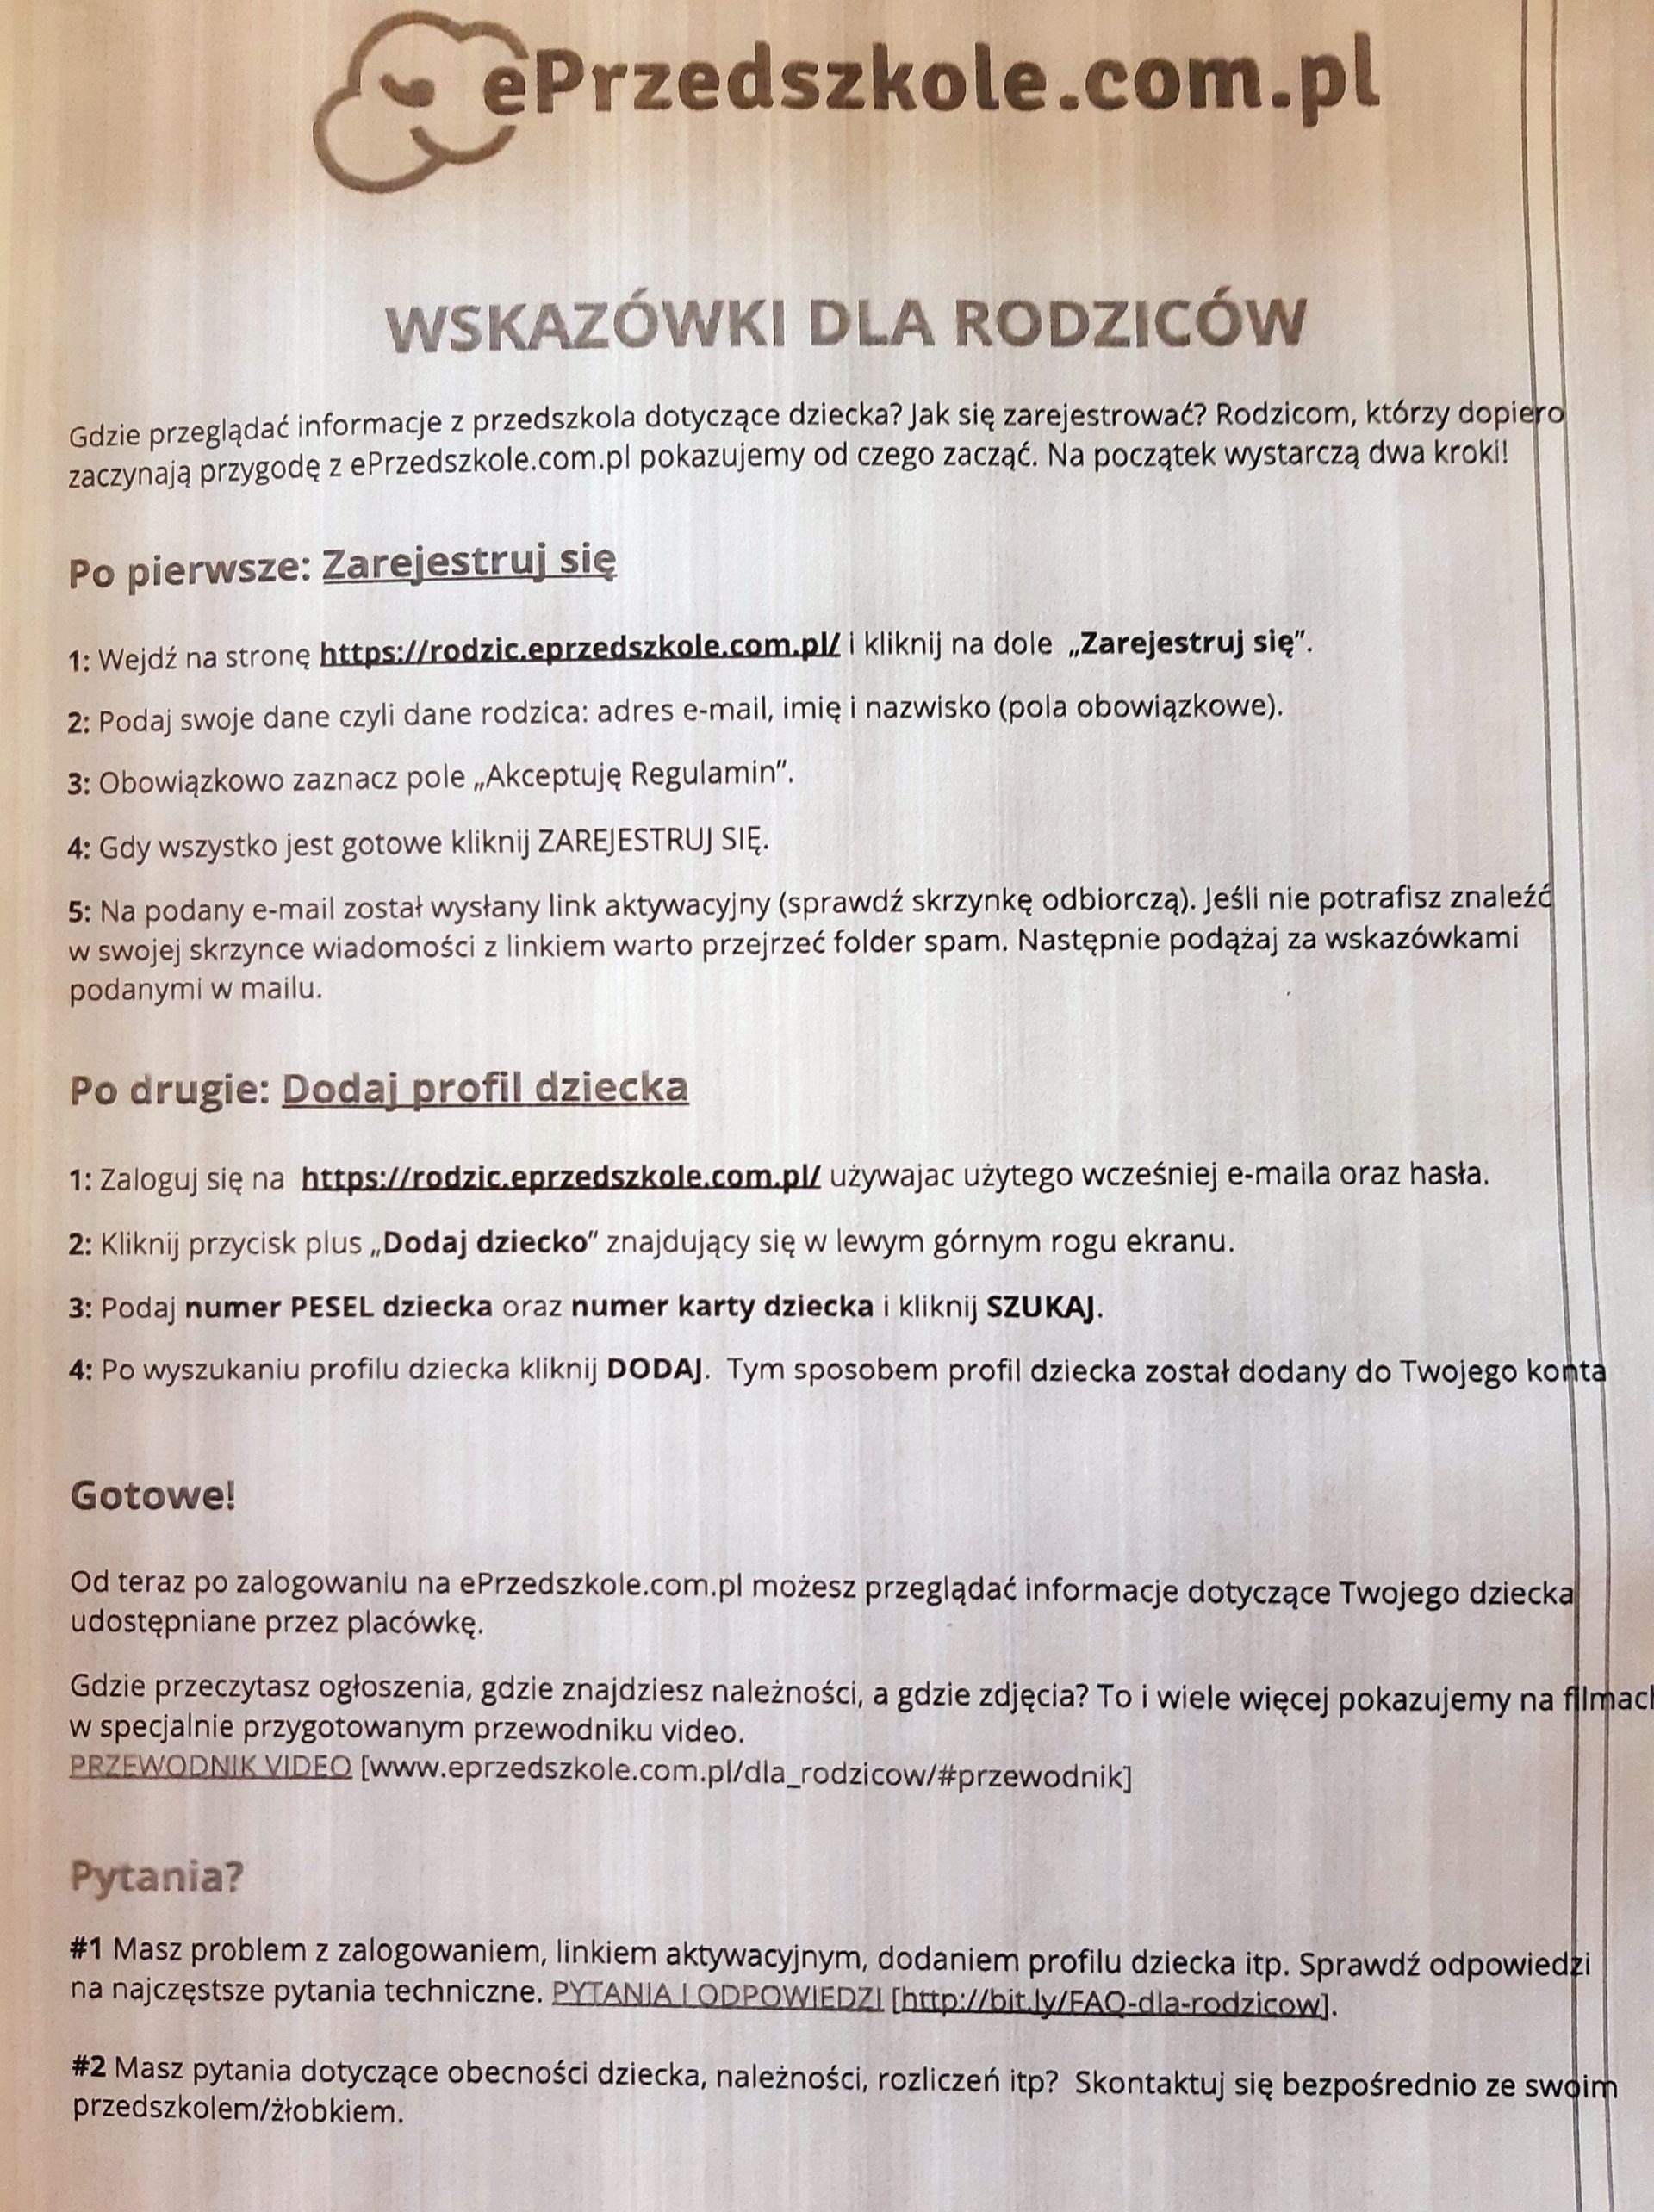 ePrzedszkole.com.pl  - wskazówki dla rodziców